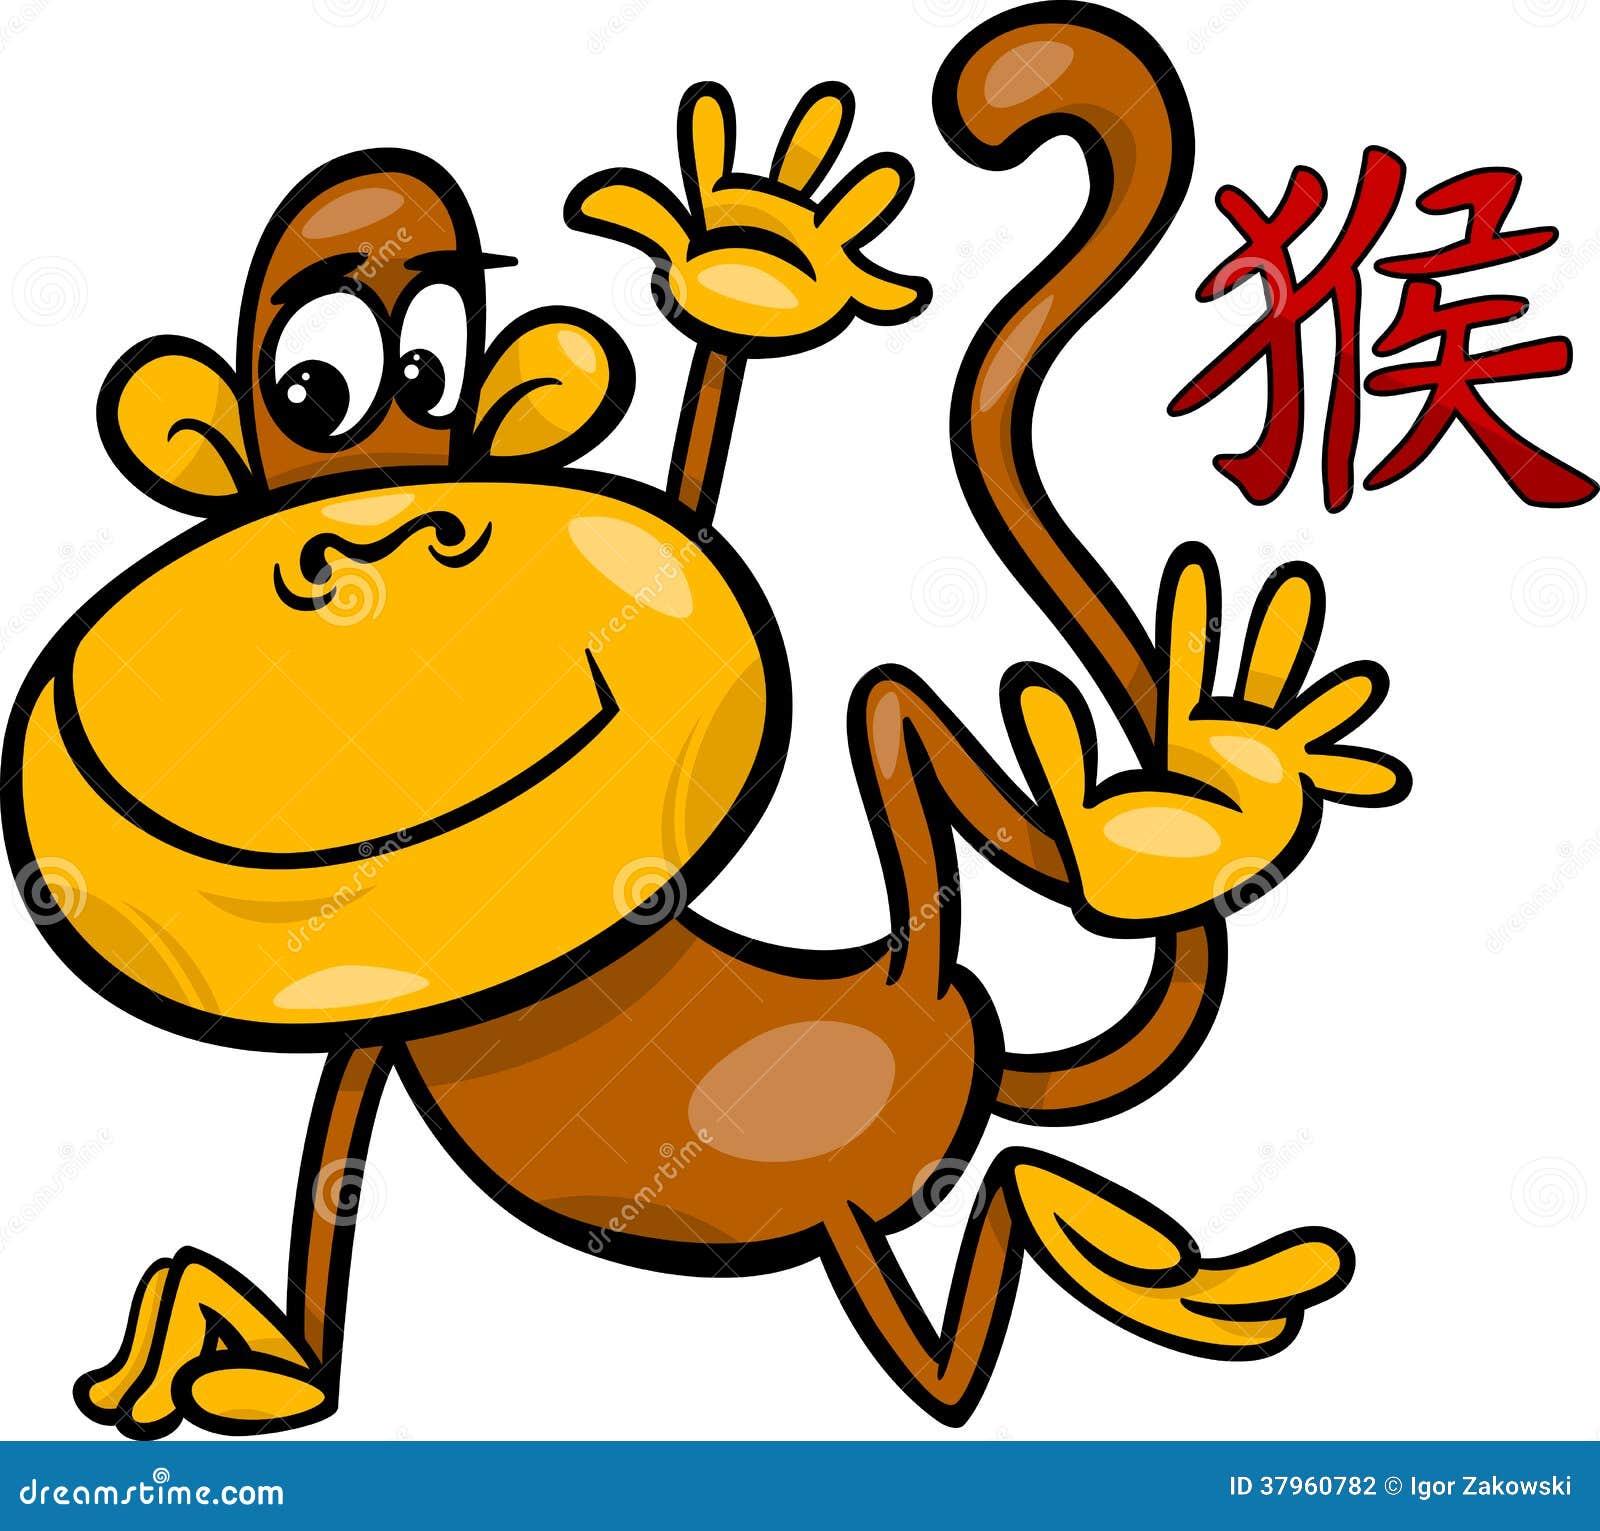 Monkey Chinese Zodiac Horoscope Sign Stock Photography - Image ...